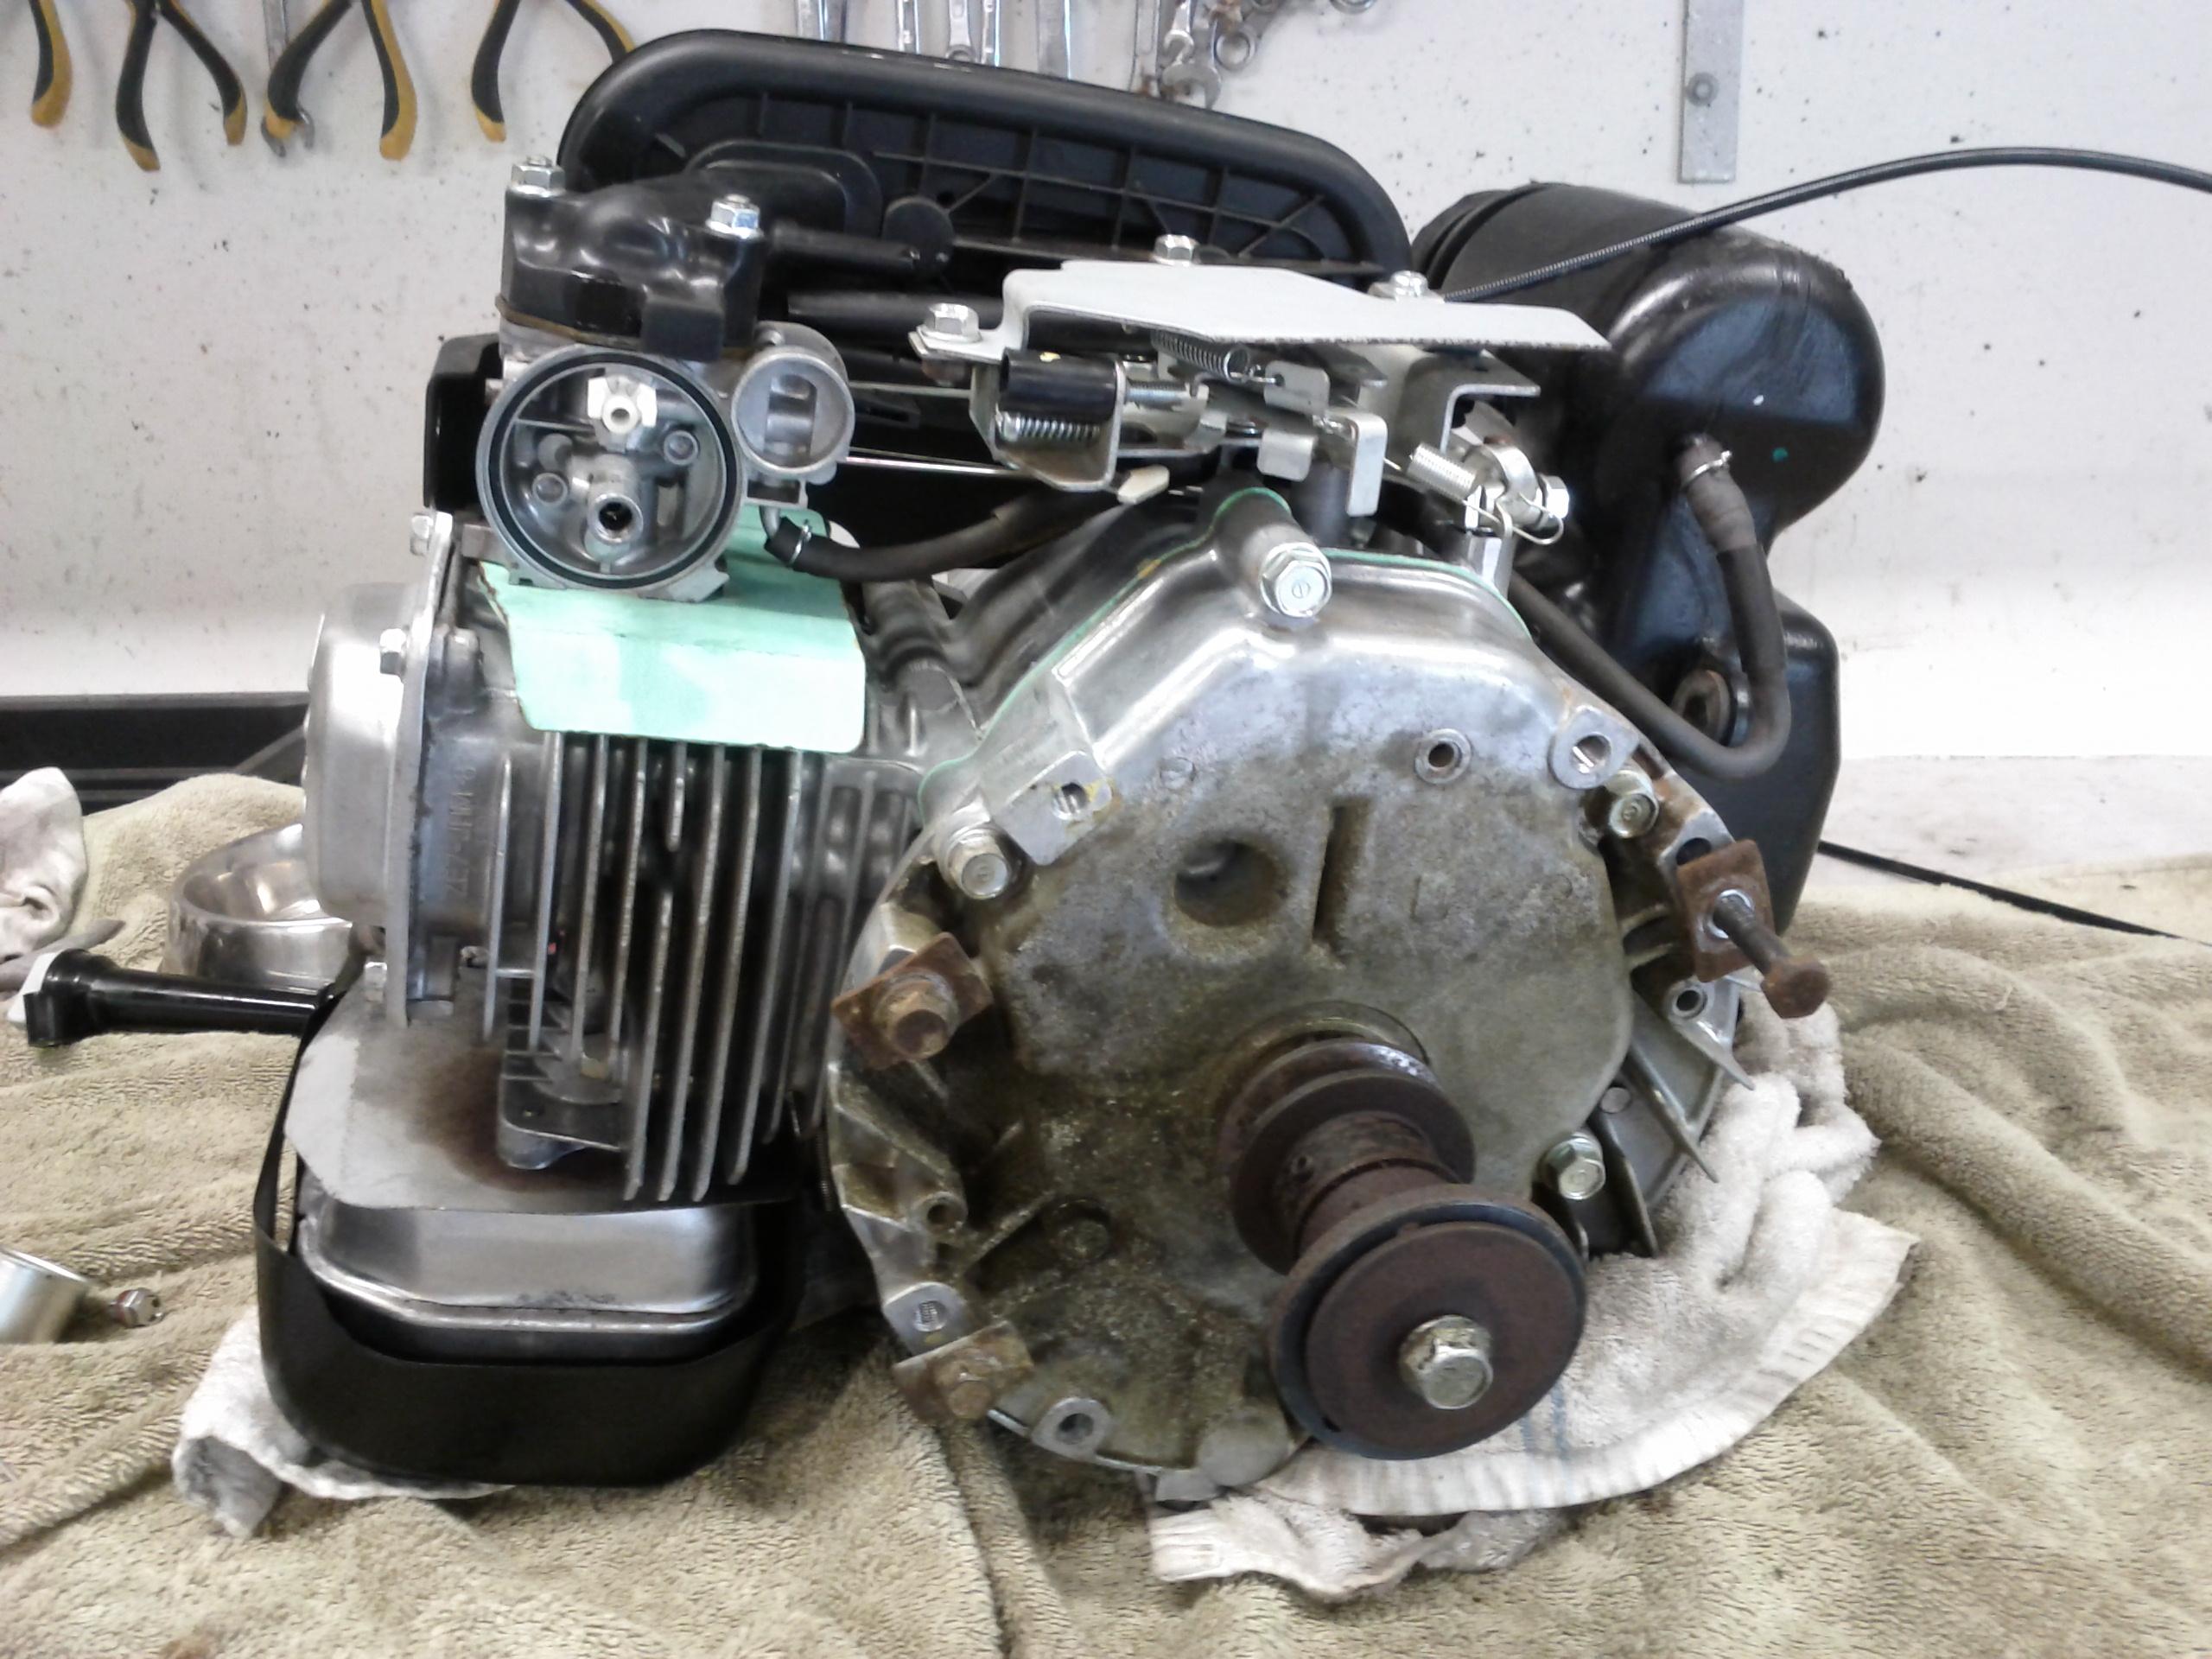 Diy Power Generator Part 1 Make It Break It Fix It